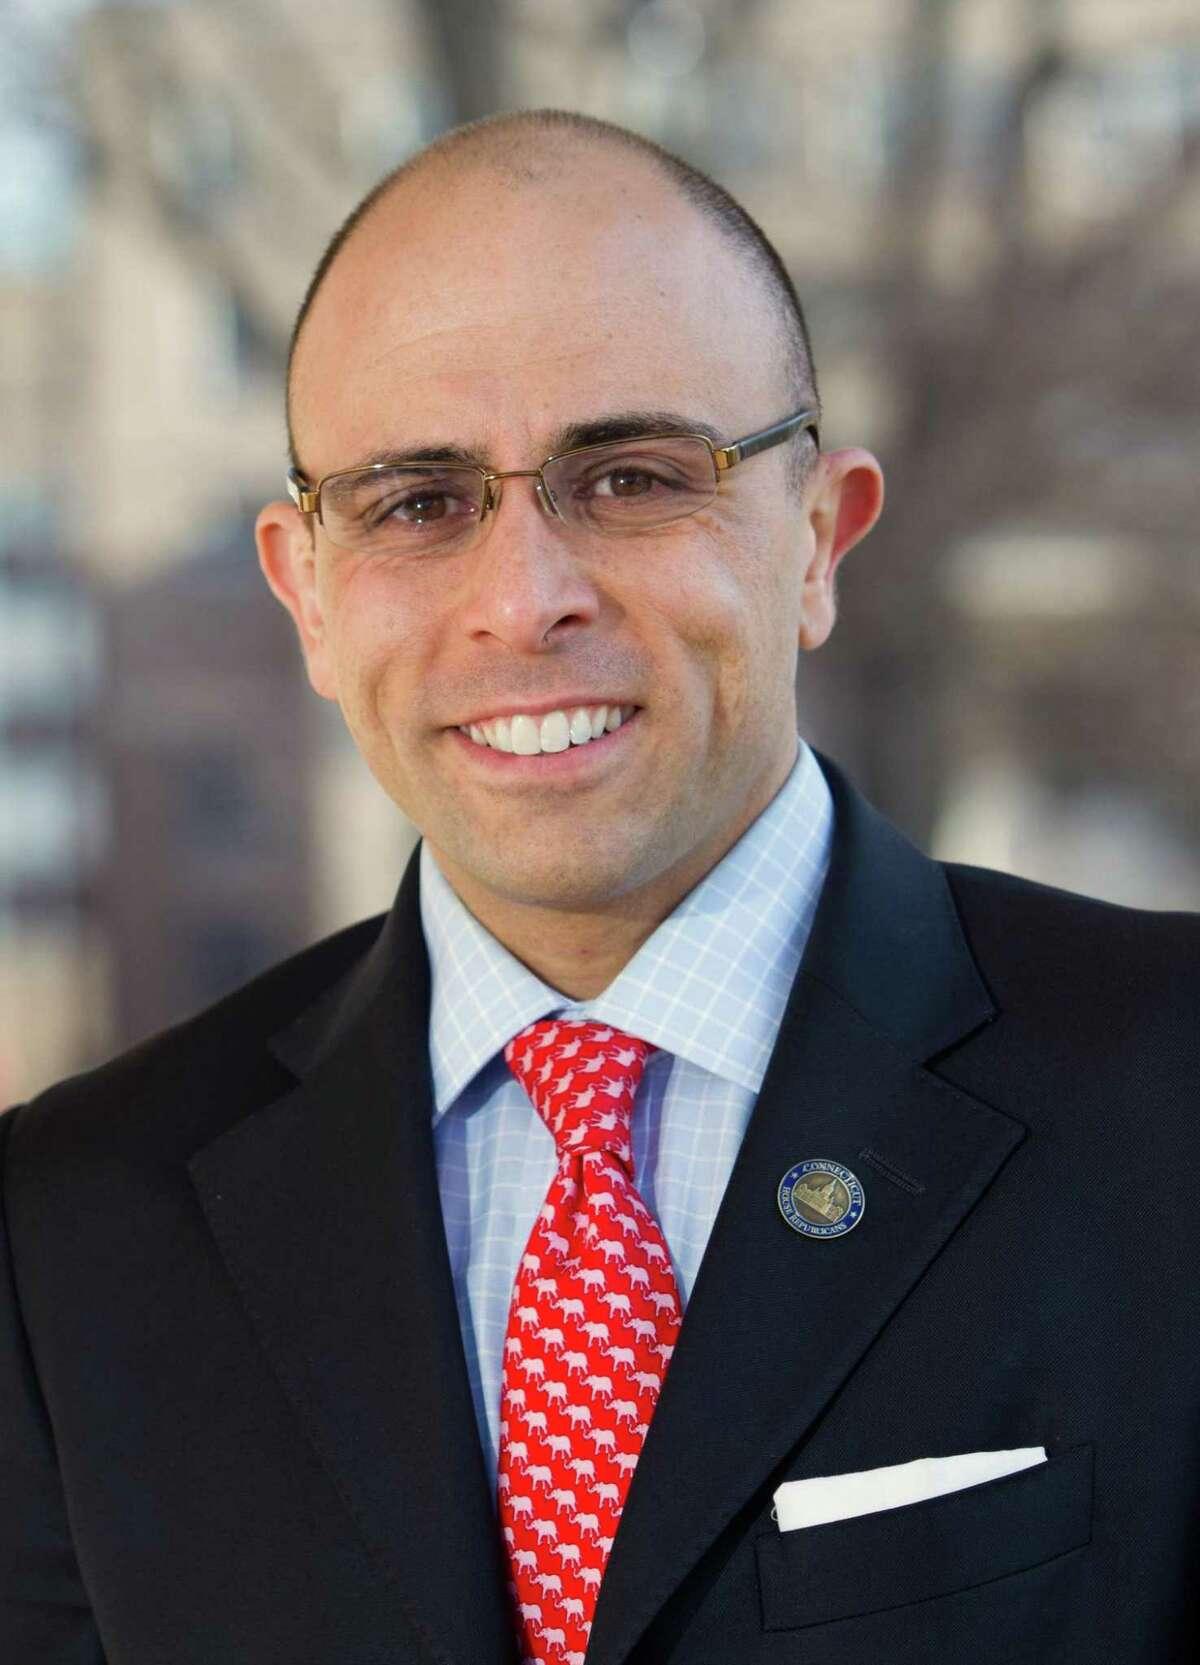 State Rep. Jason Perillo, R- Sheton represents the113th district